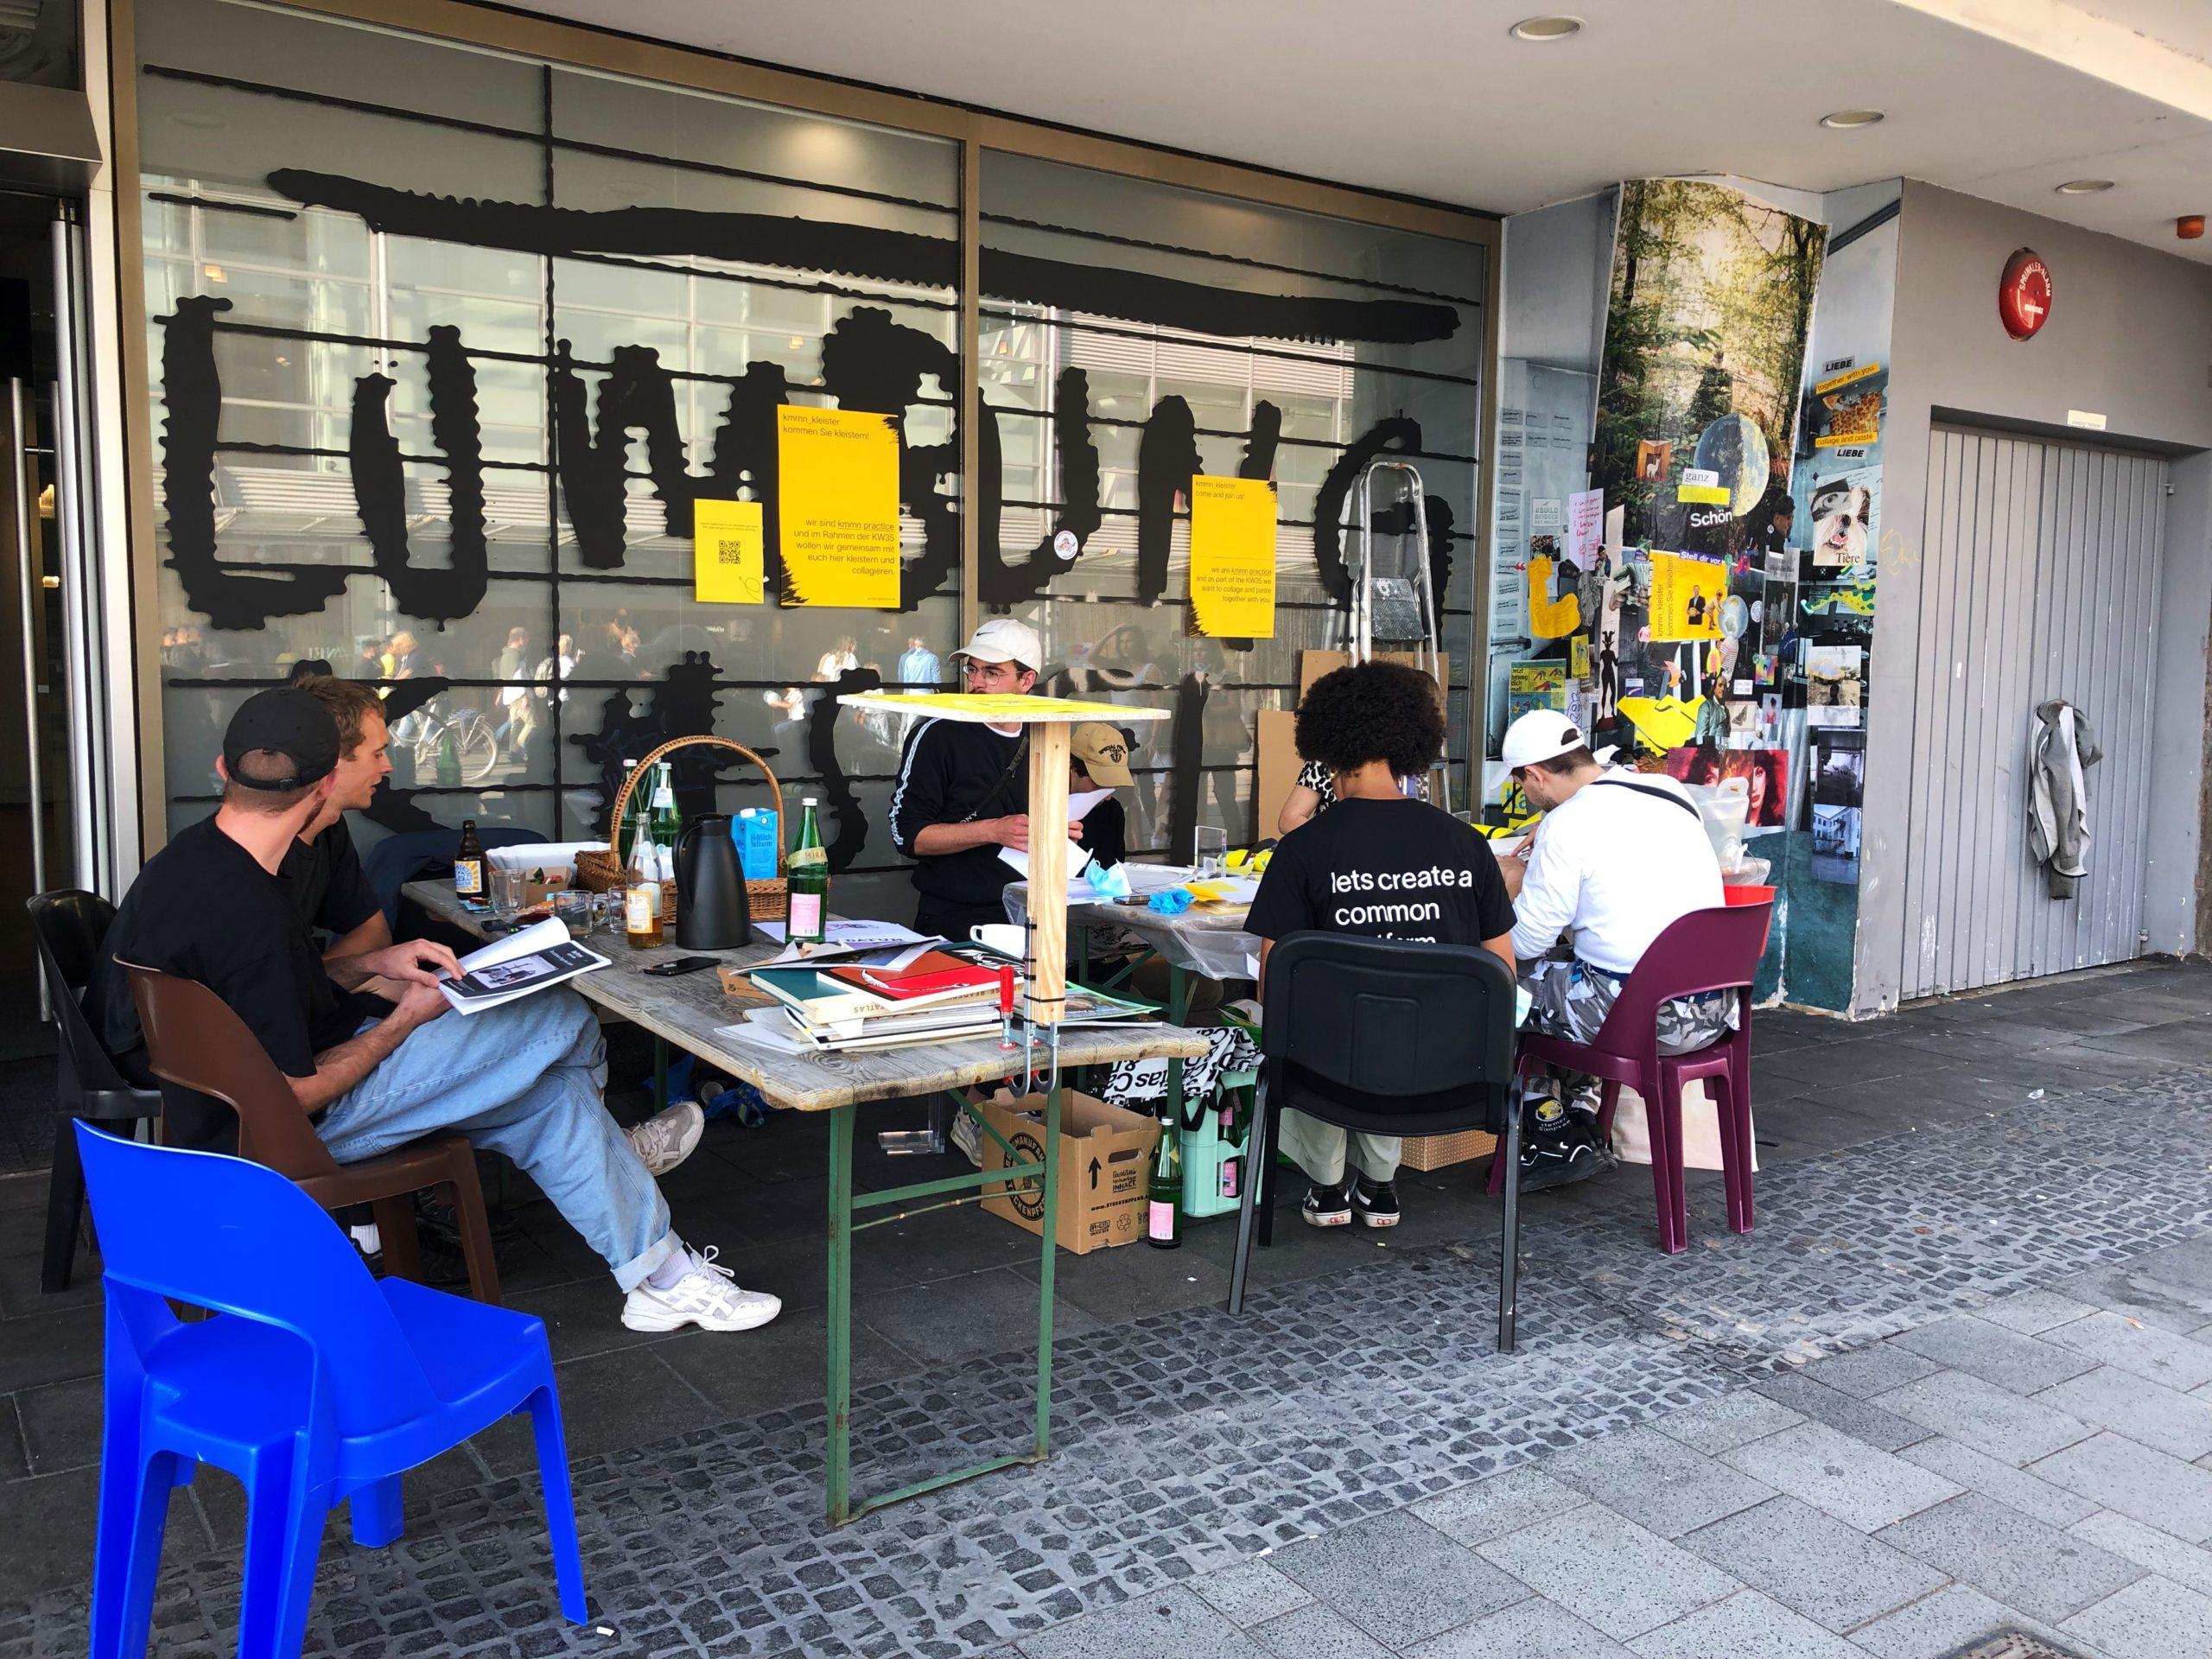 Das Foto zeigt mehrere Menschen, sie sitzen an zwei Biertischen, die am Straßenrand stehen. Auf den Tischen liegen verschiedene Materialien, die Menschen schneiden Material aus und reden miteinander. Rechts ist eine Plakatsäule mit tapeziertem Material sichtbar.